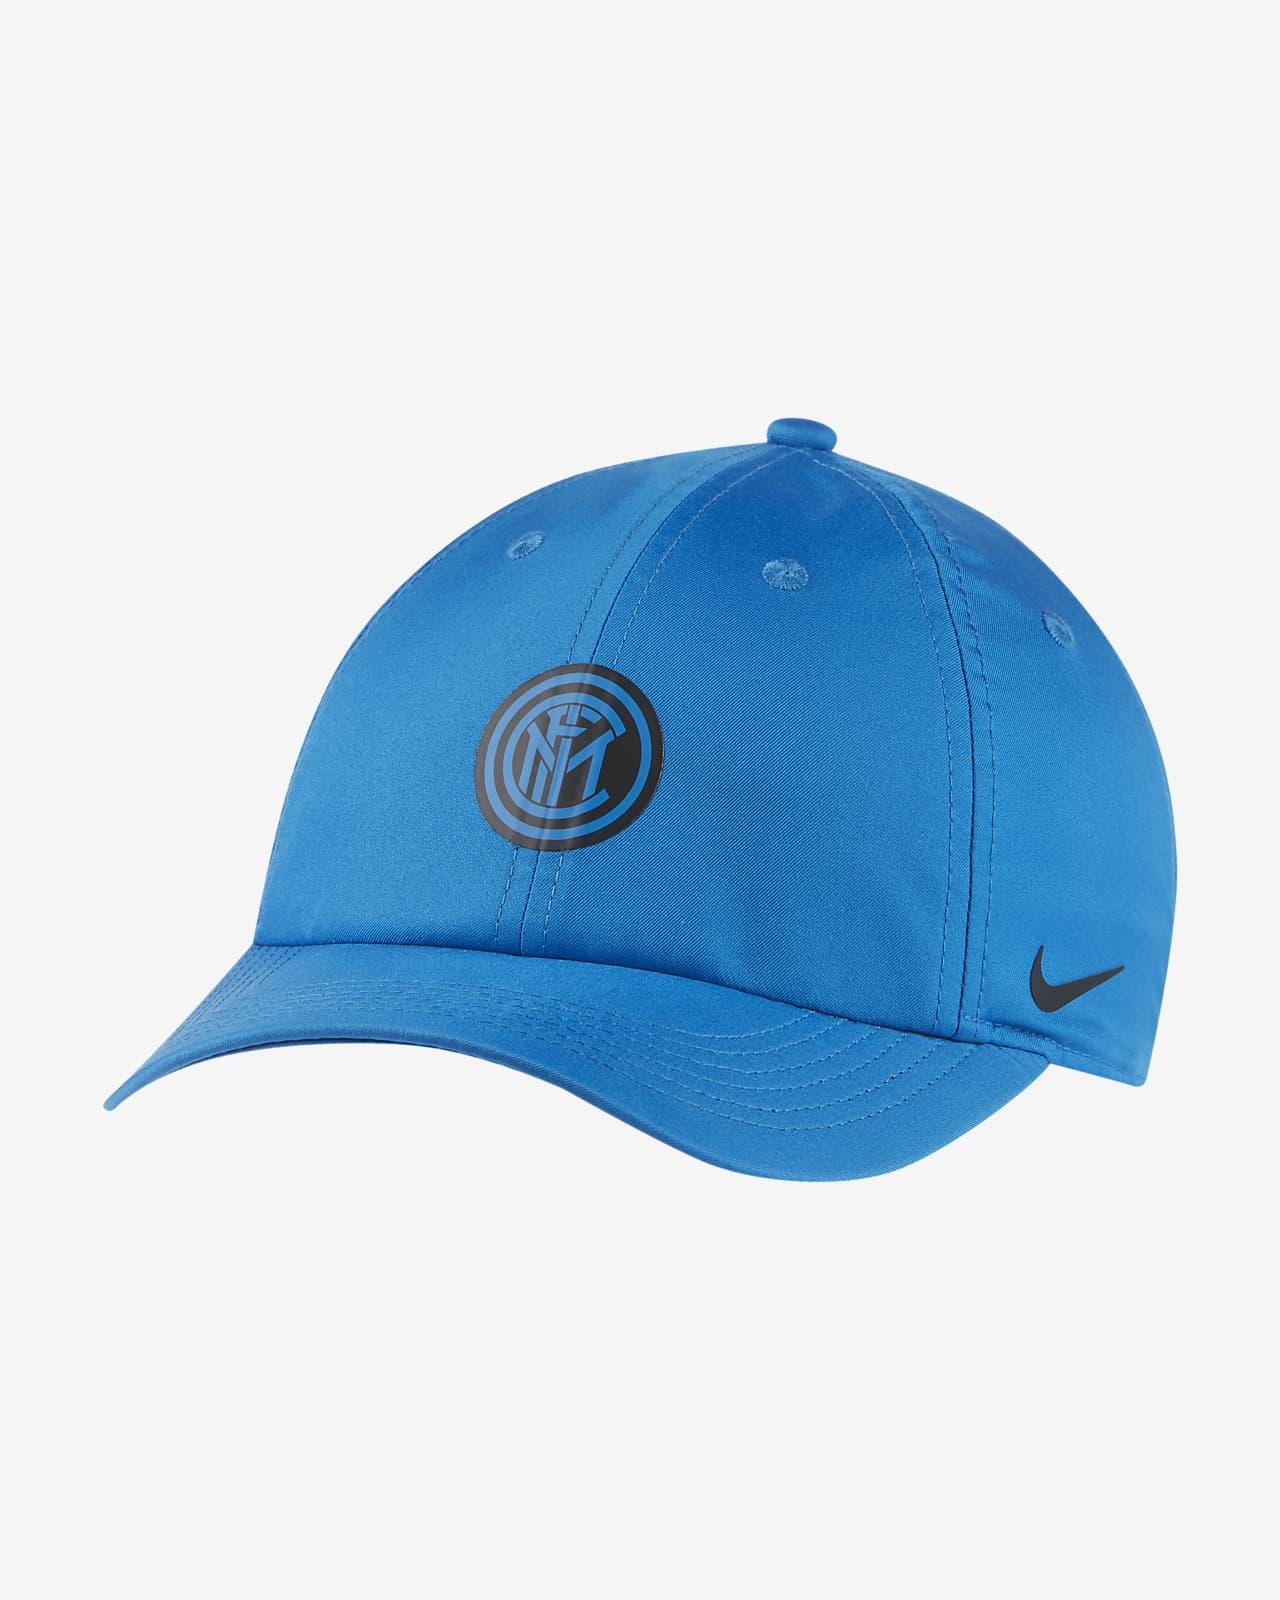 Nike Dri-FIT Inter Mailand Heritage86 verstellbare Cap für Kinder